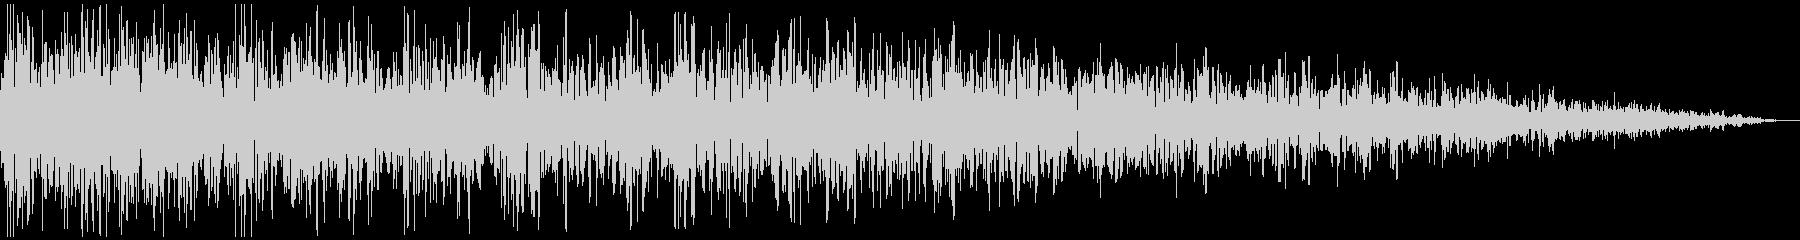 ガーン (ショック、衝撃を受ける) 短めの未再生の波形